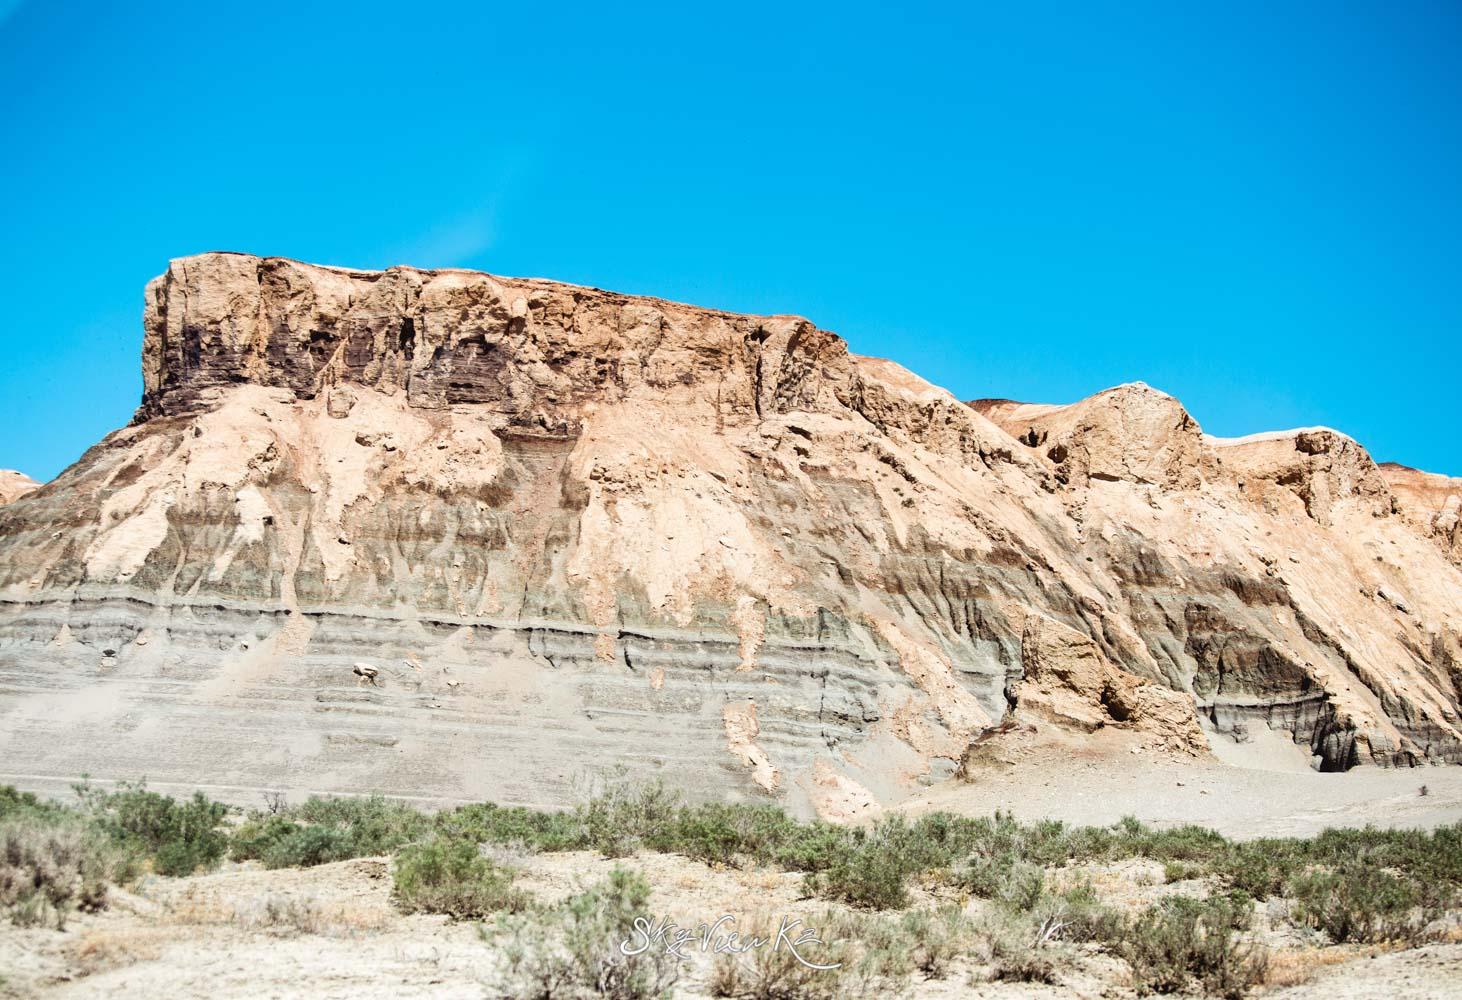 Догадываюсь, полосы на скалах - это уровень моря за столетия